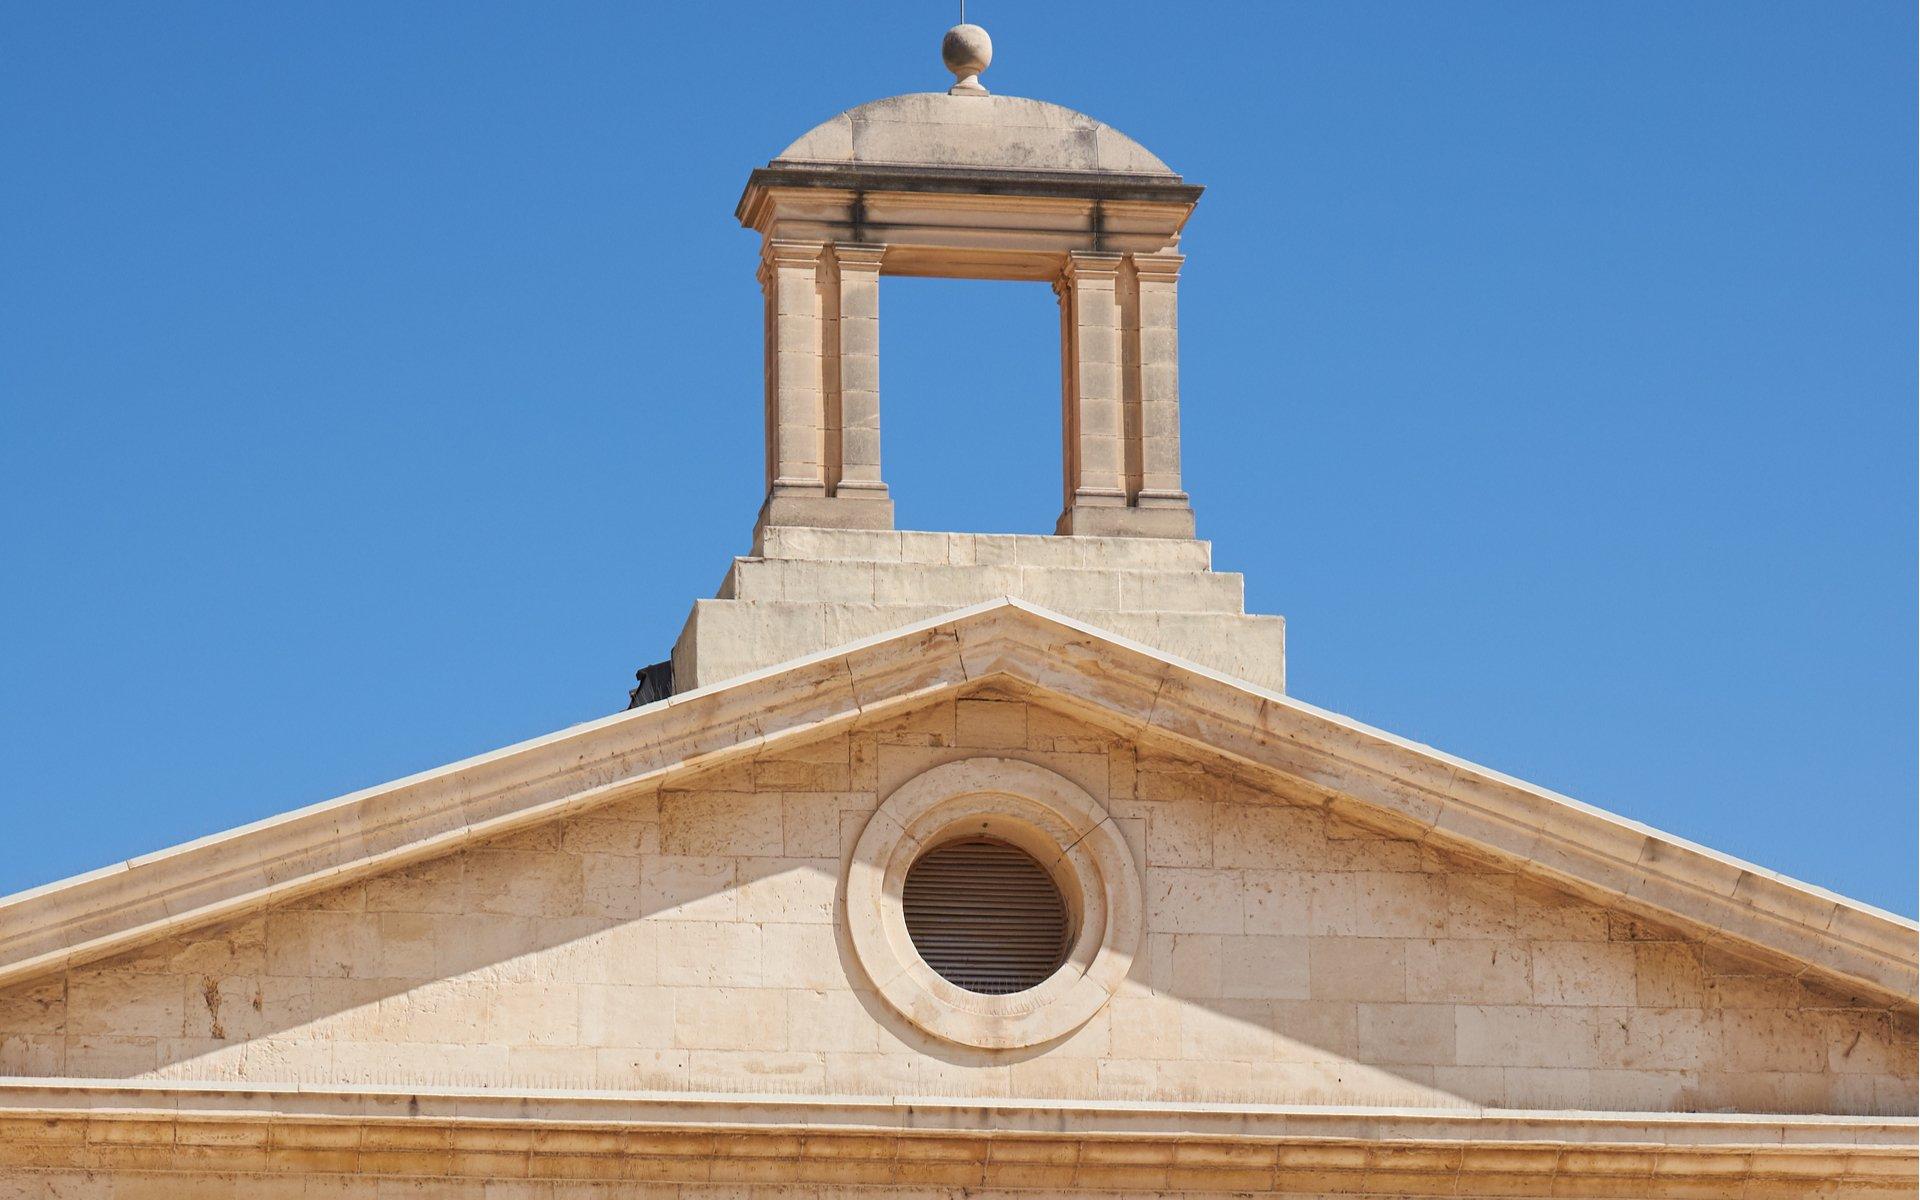 malta binance stock exchange